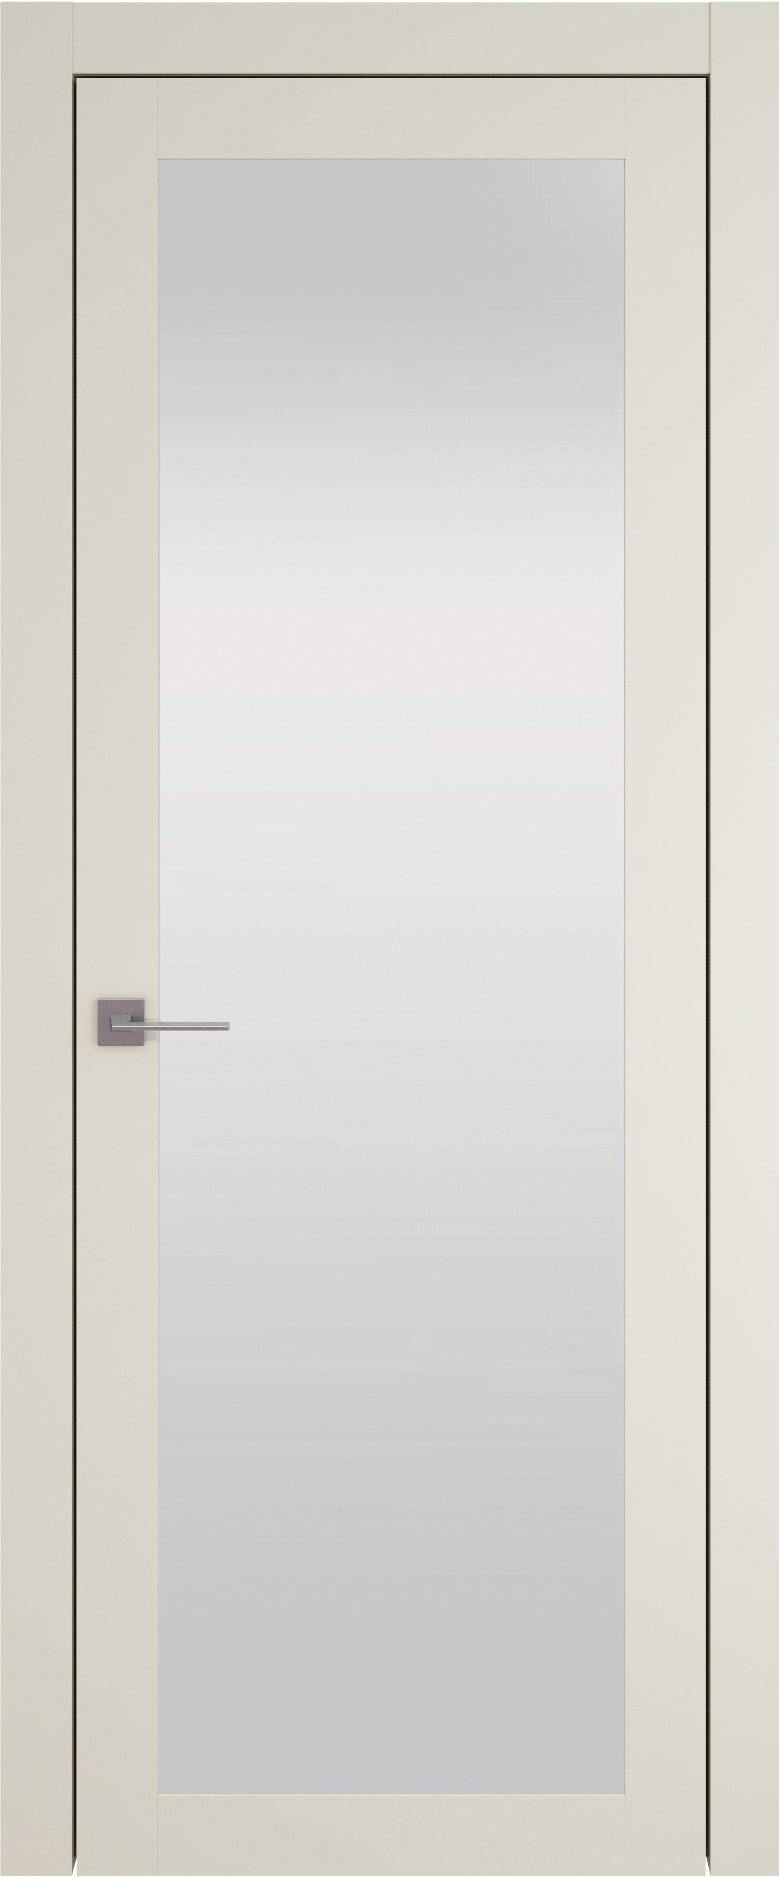 Tivoli З-1 цвет - Жемчужная эмаль (RAL 1013) Со стеклом (ДО)